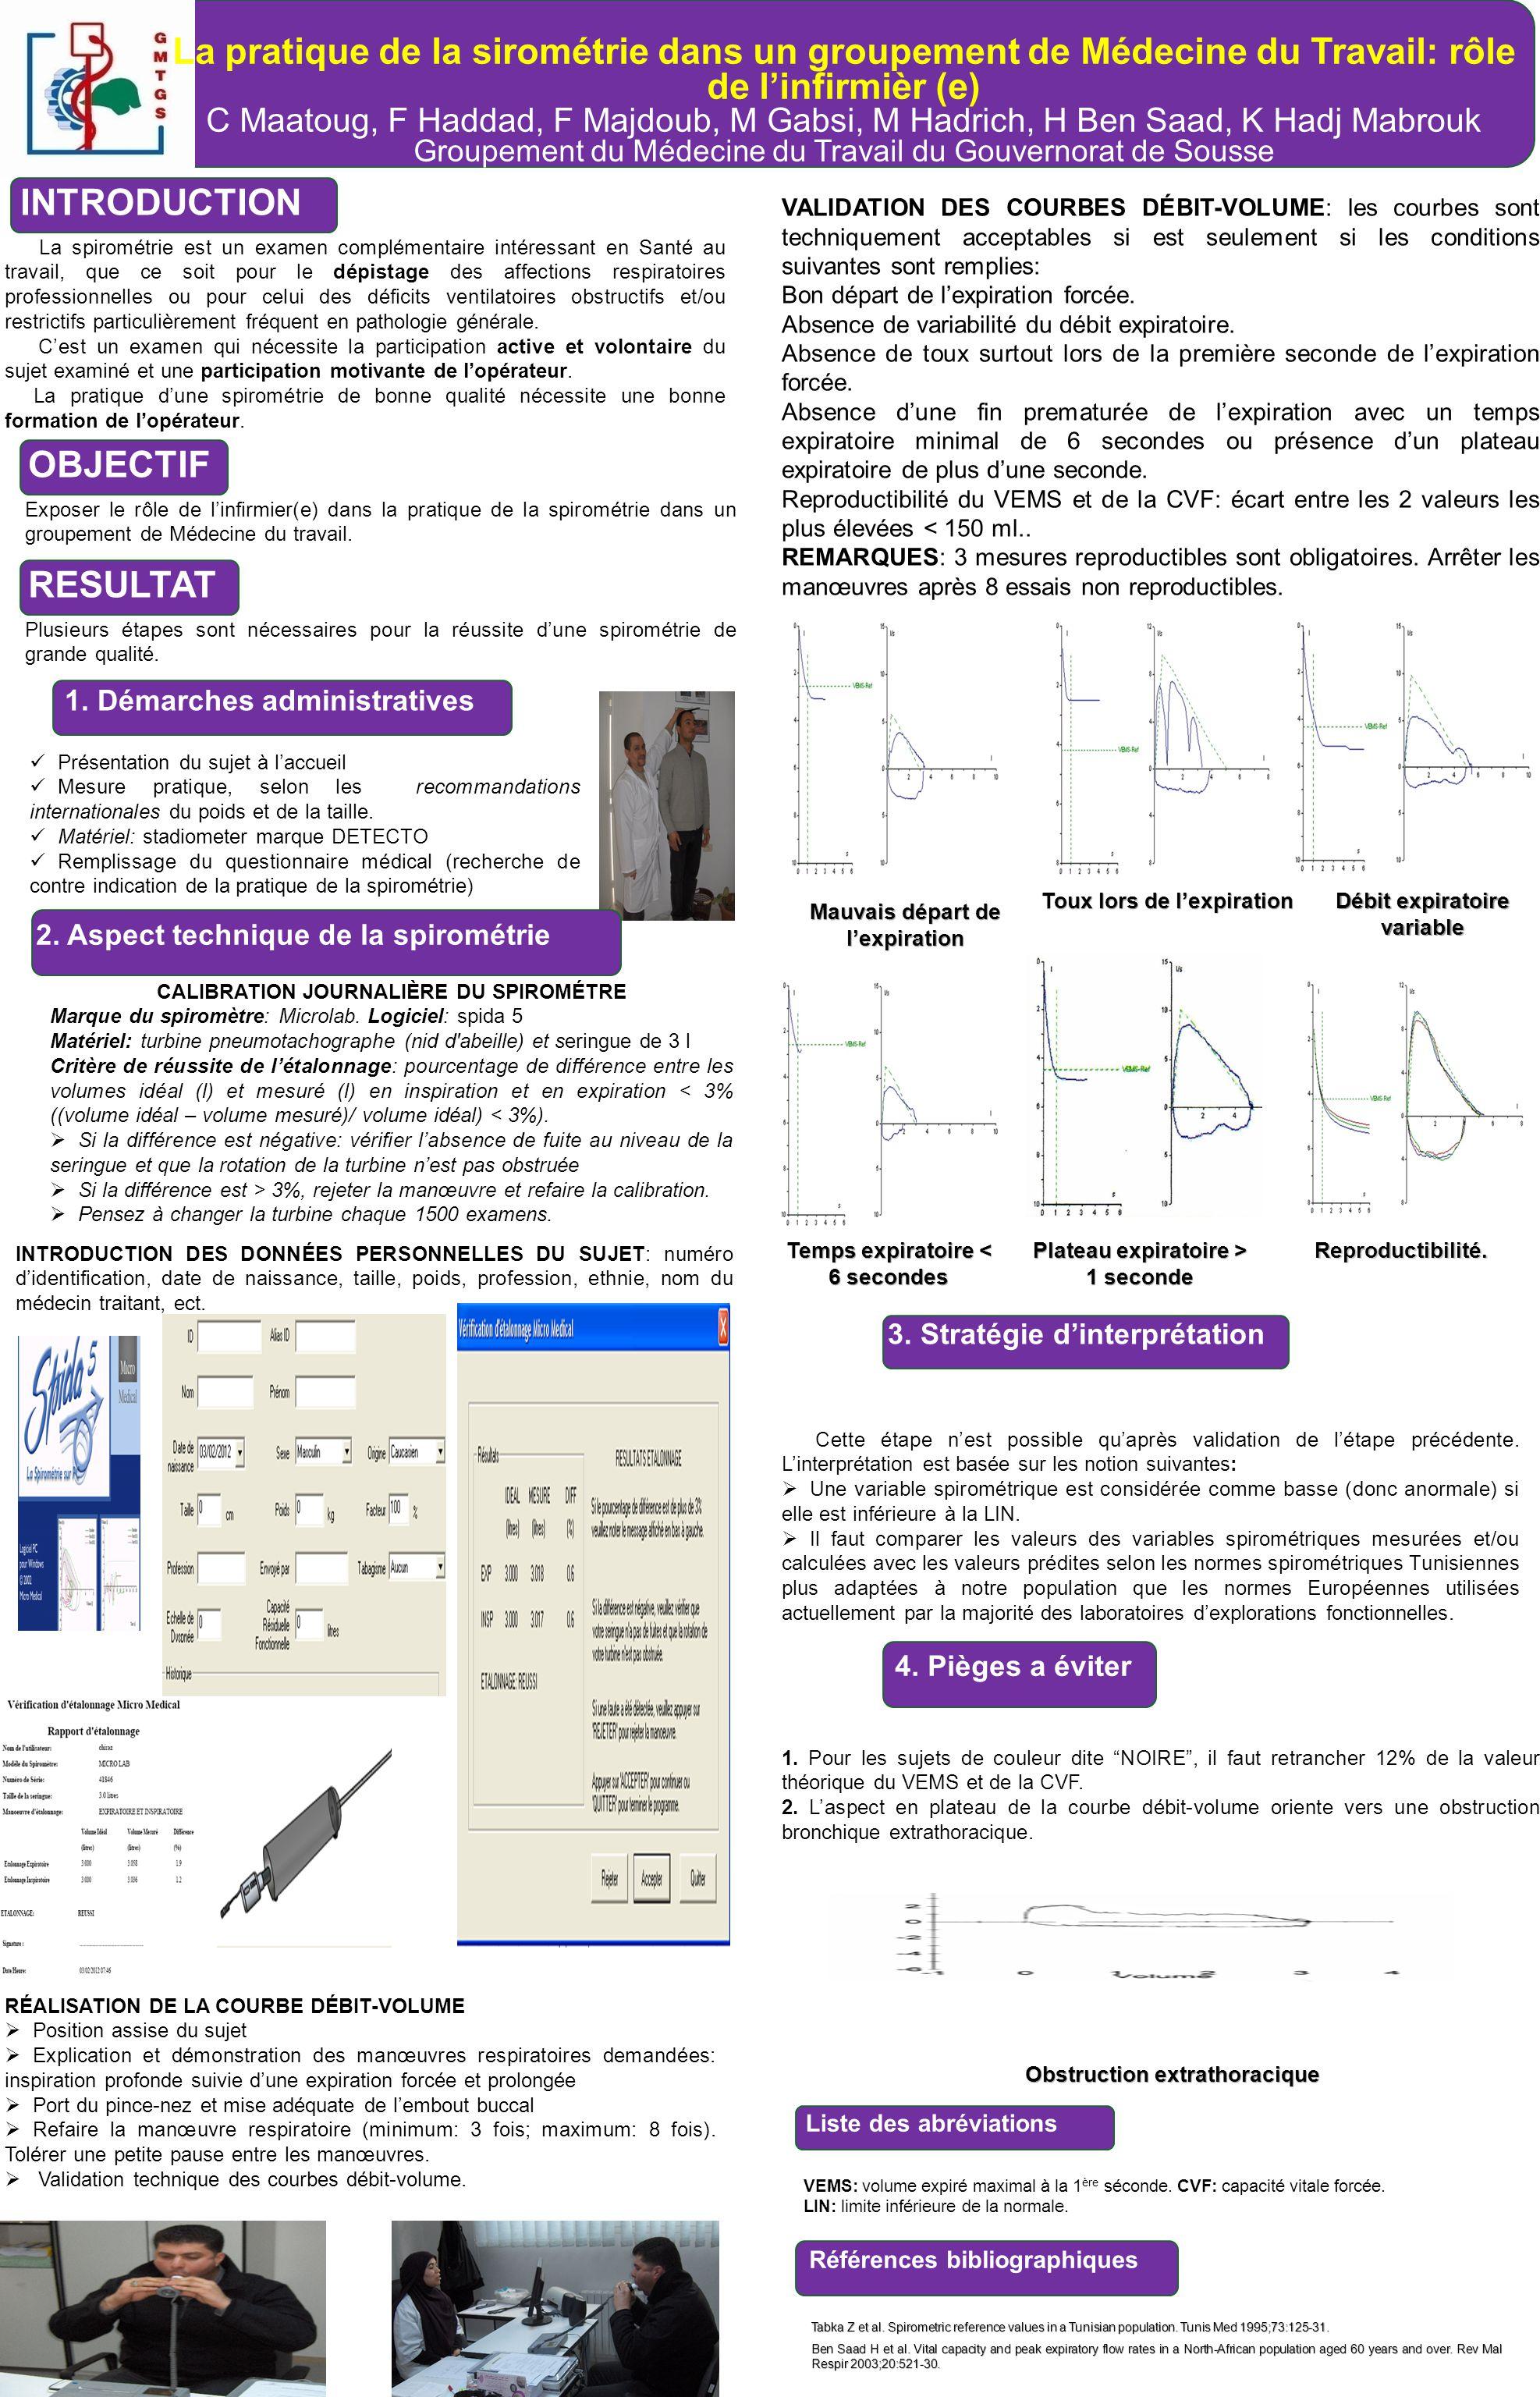 La pratique de la sirométrie dans un groupement de Médecine du Travail: rôle de linfirmièr (e) C Maatoug, F Haddad, F Majdoub, M Gabsi, M Hadrich, H B